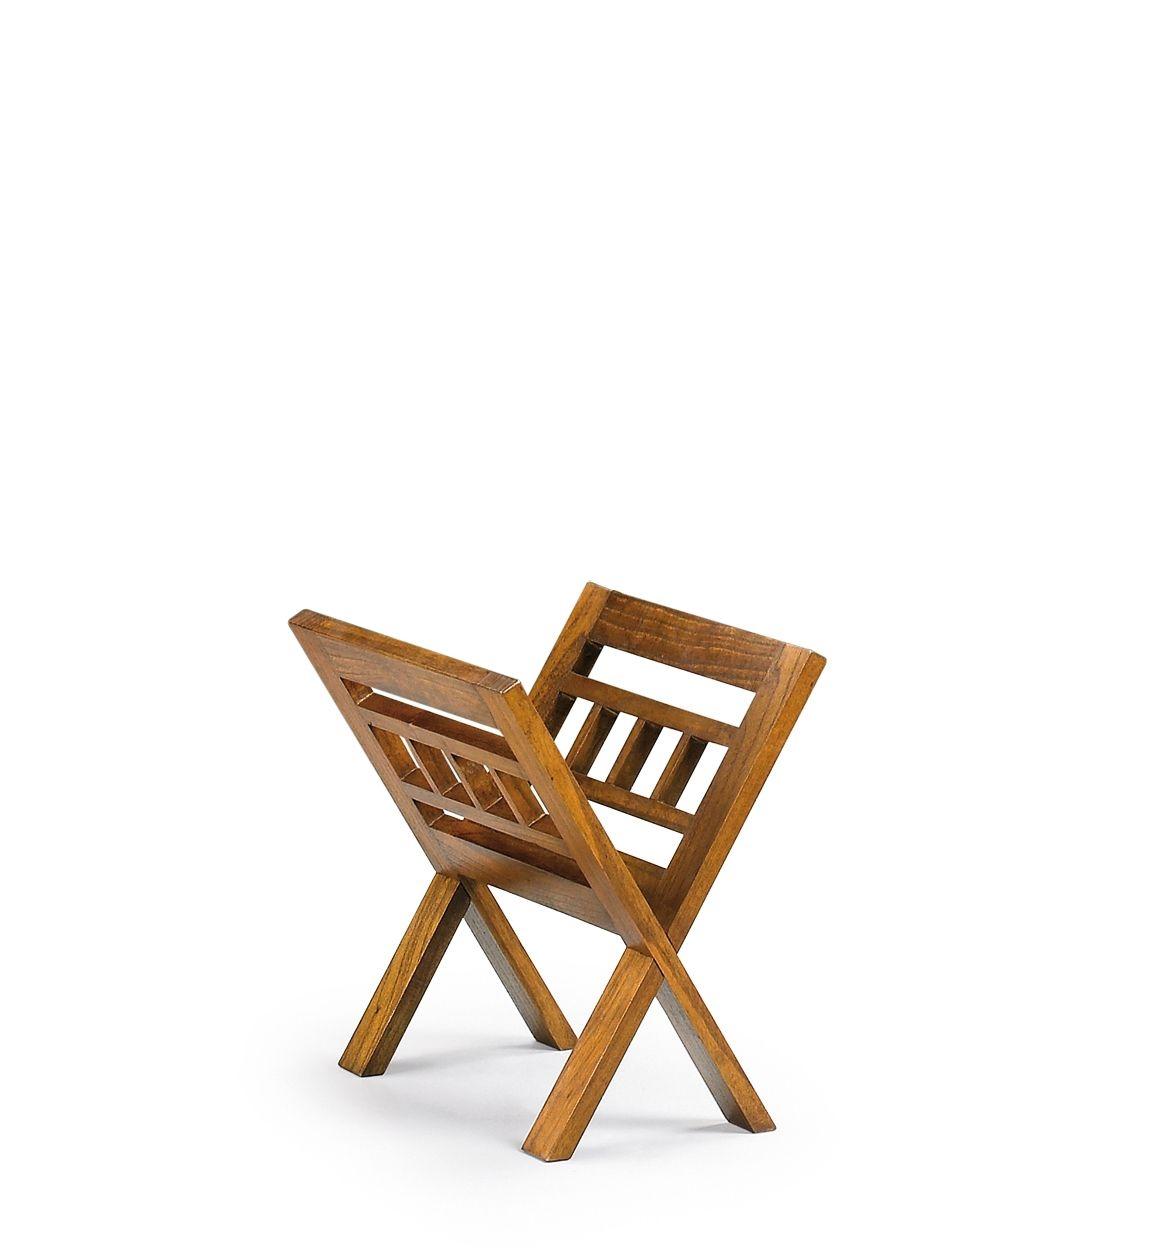 Suport pentru reviste din lemn, Star Nuc, l30xA40xH40 cm imagine